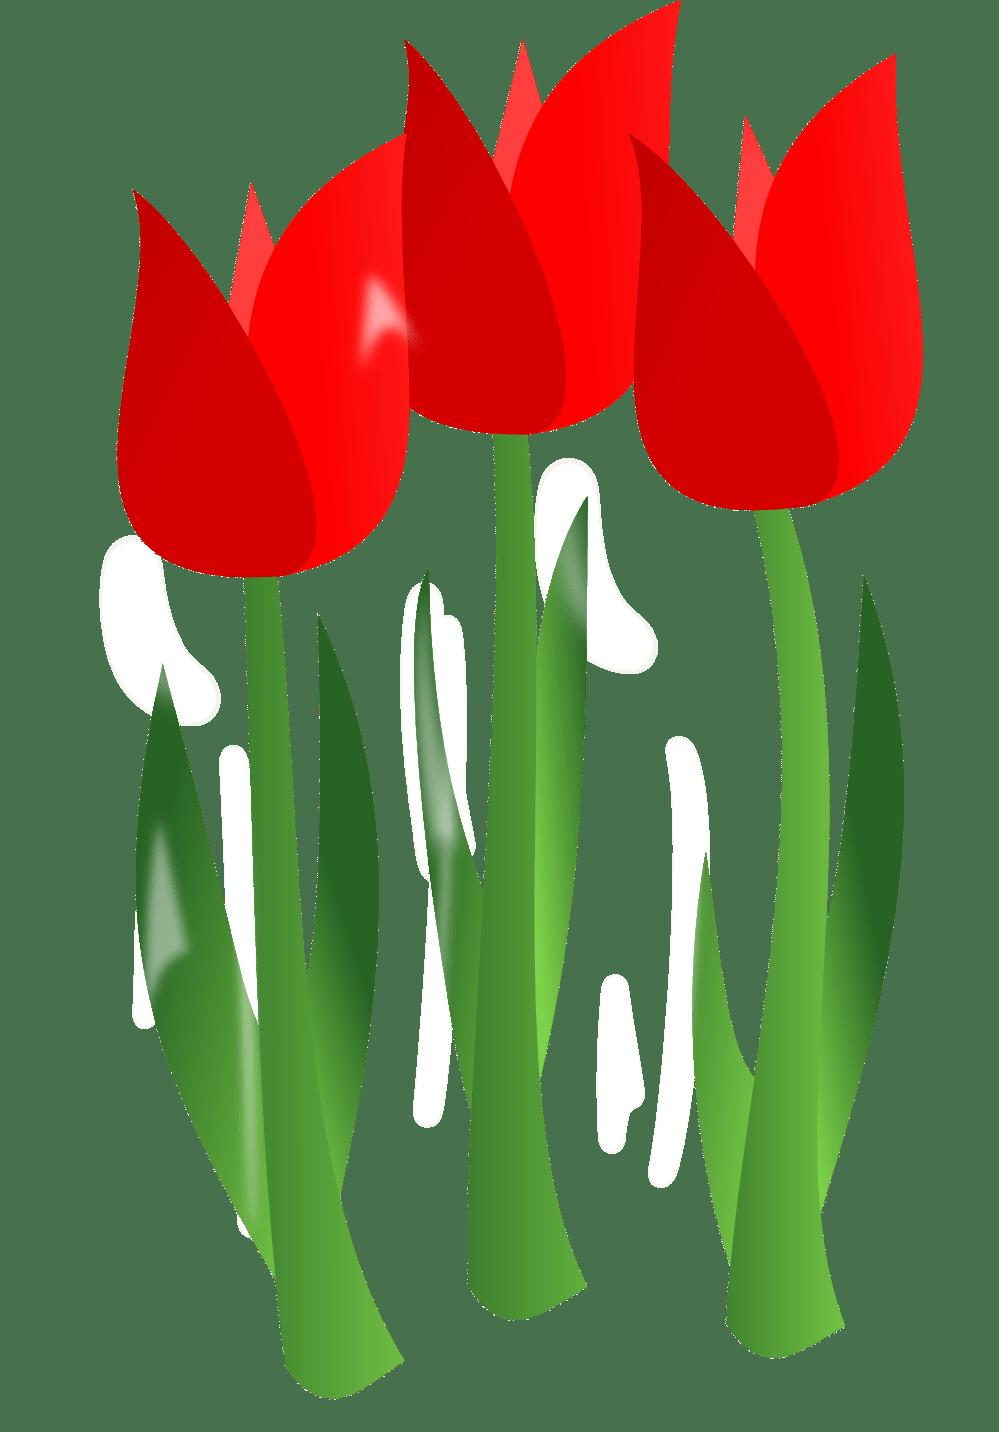 hight resolution of april clip art 2